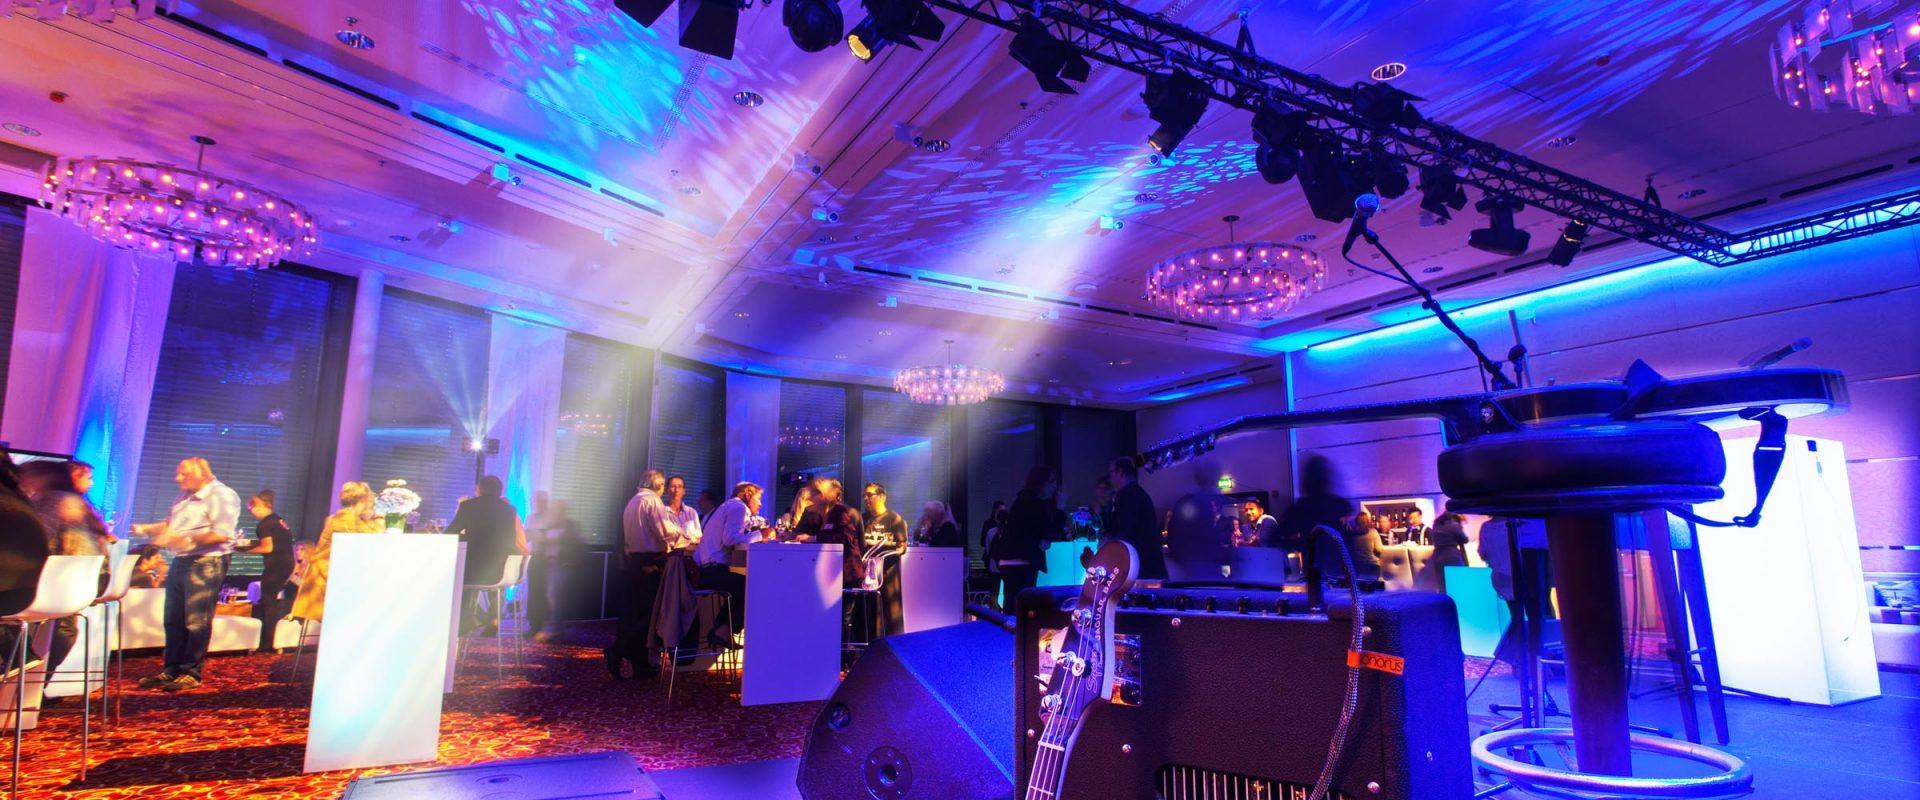 Eventfotografie Reportage, Stimmungsbild von Lichtdesign mit Bühne, fotograf-spitz